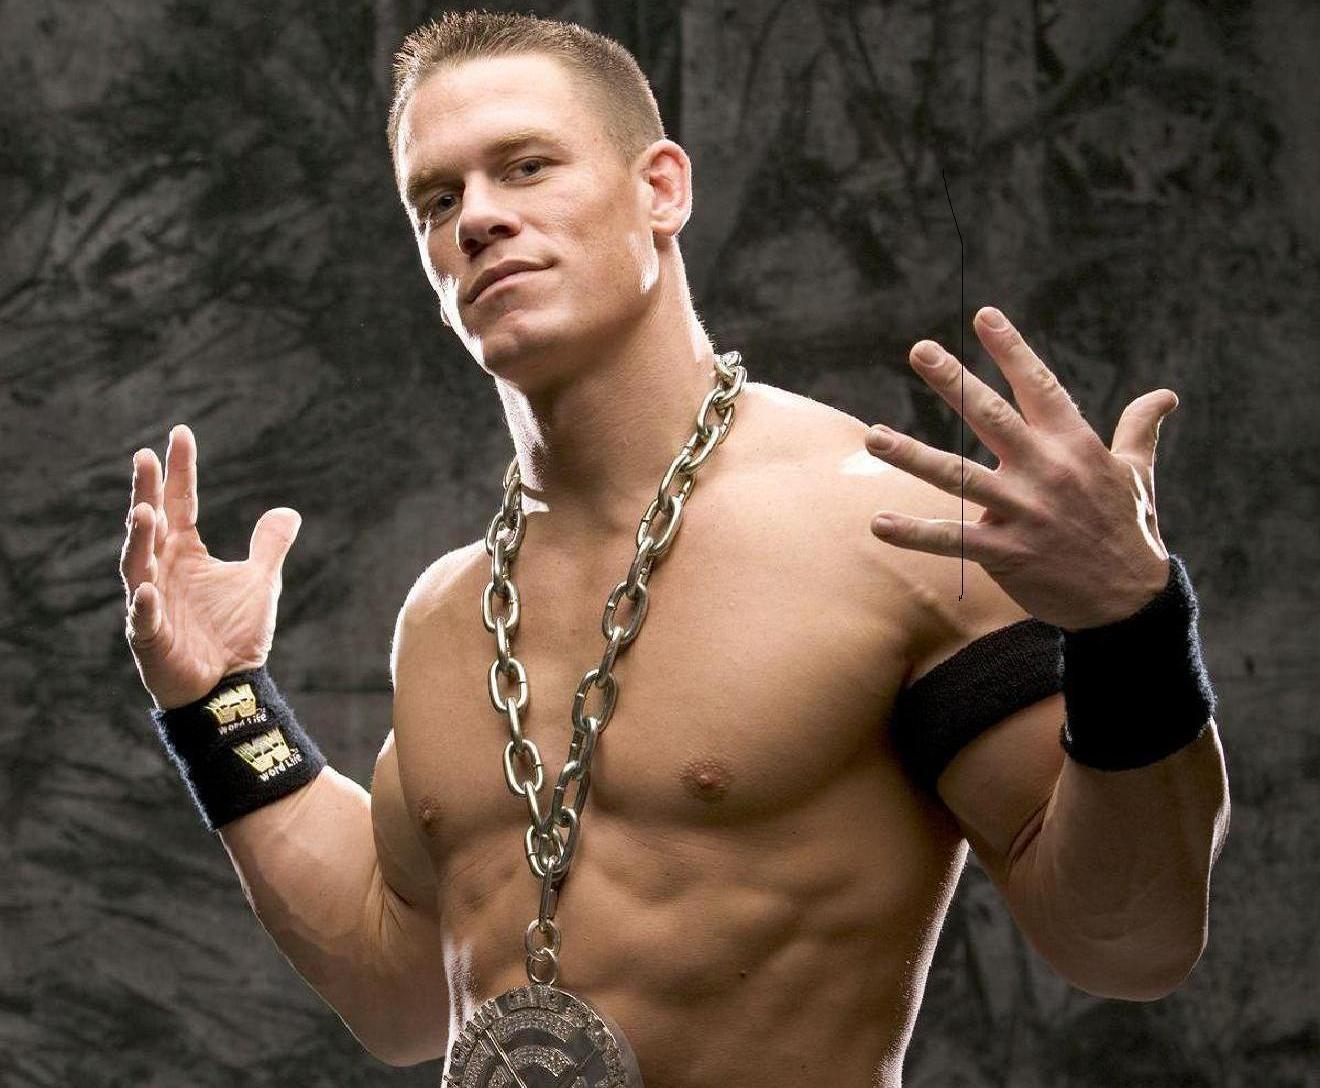 John Cena Wrestler